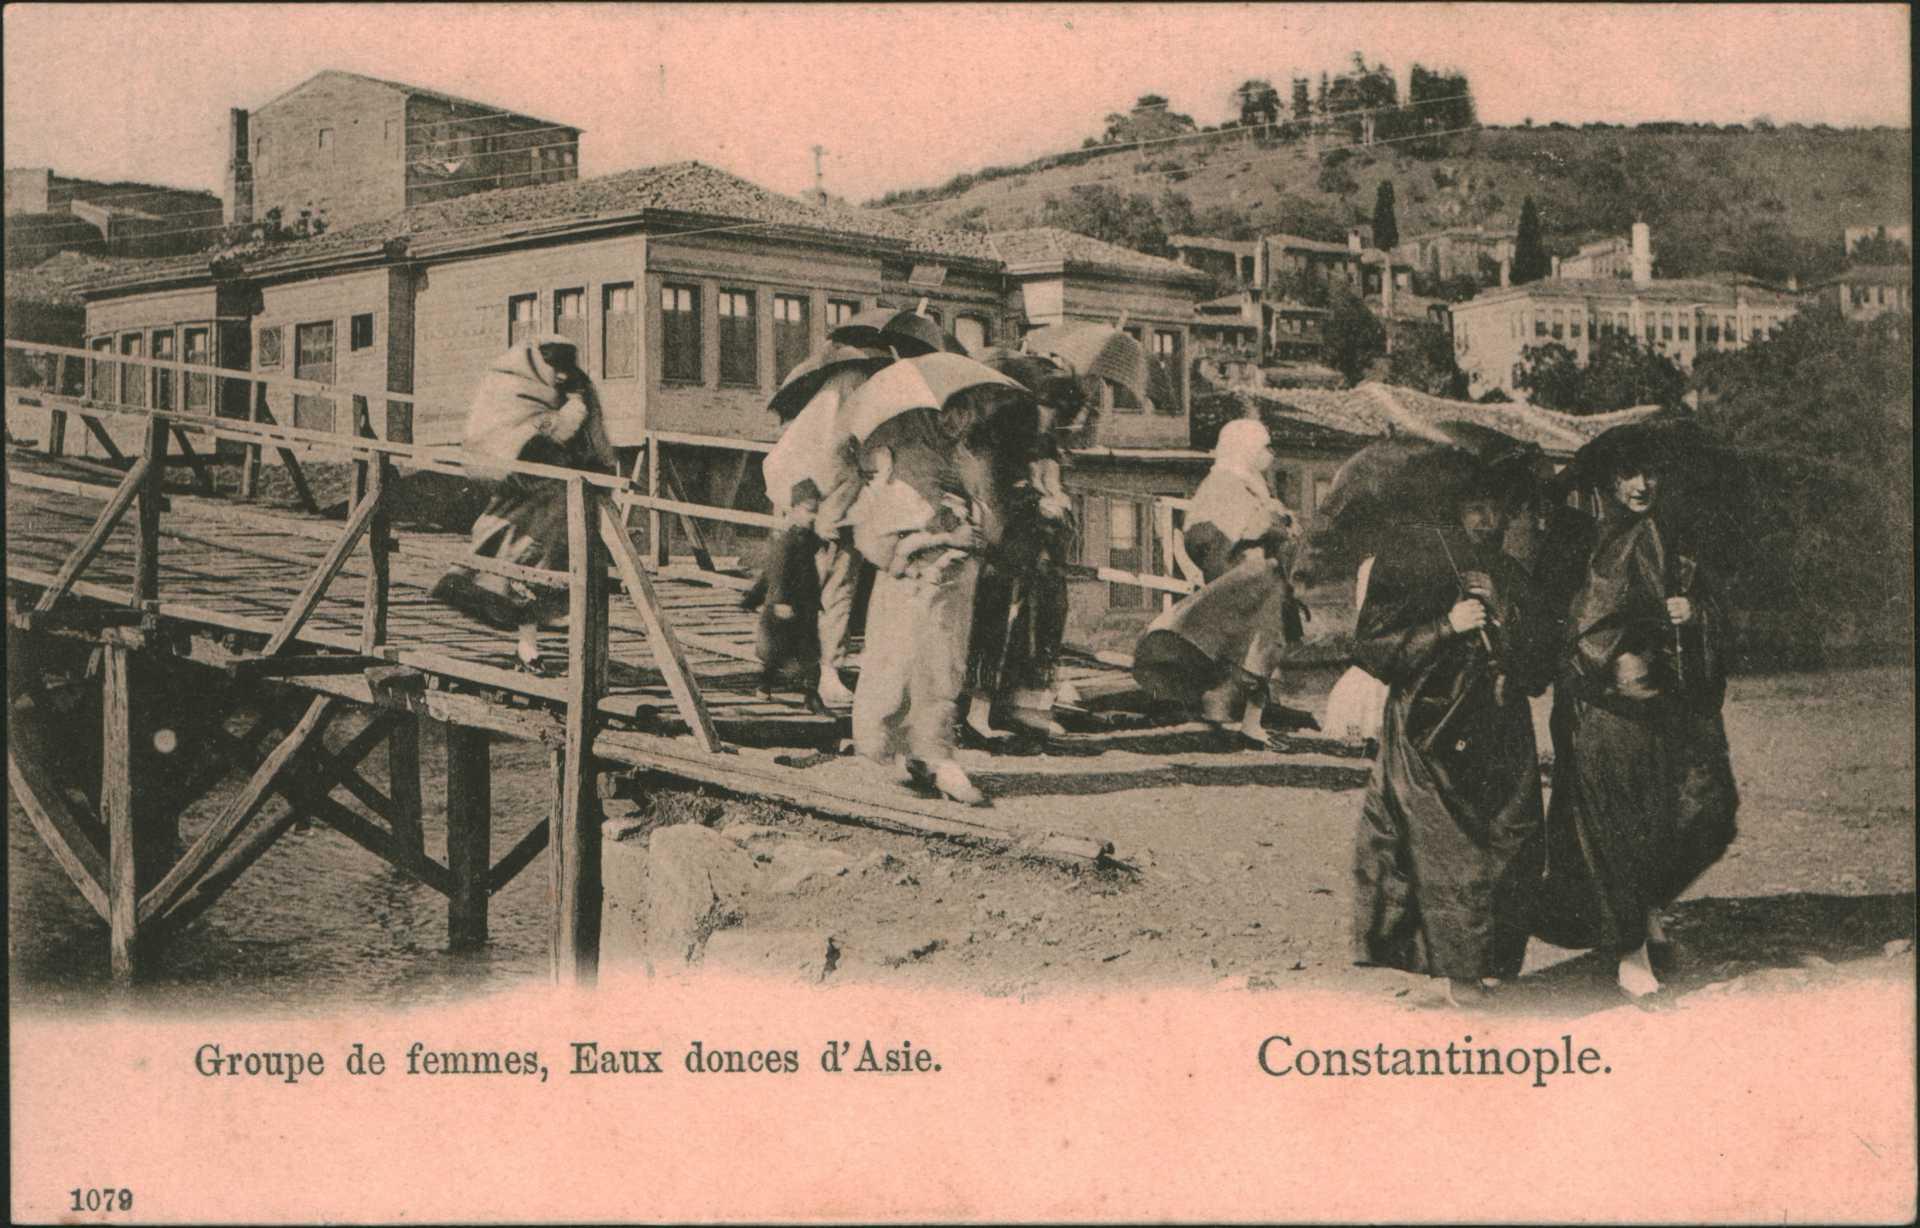 Groupe de femmes. Eaux donces d'Asie – Constantinople